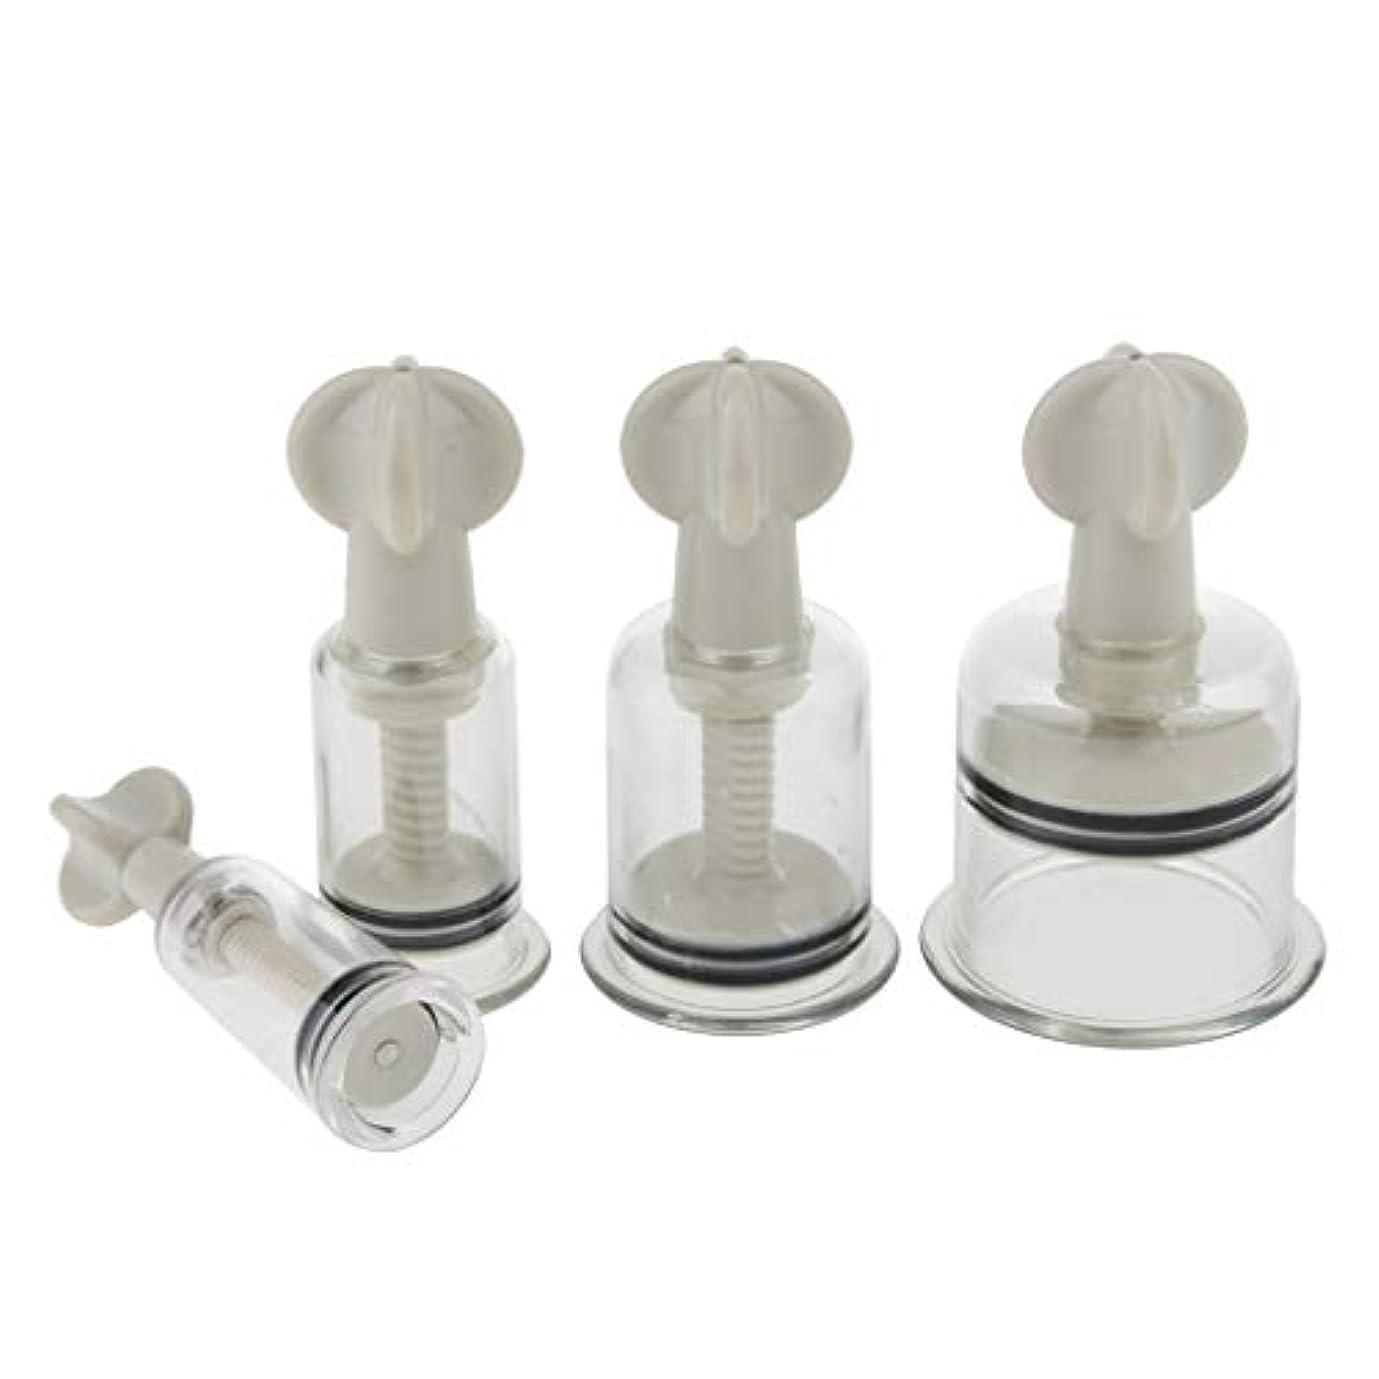 FLAMEER 真空カッピングセット 透明な ボディマッサージカップ 吸い玉 プラスチック 痛み緩和 4個 耐久性